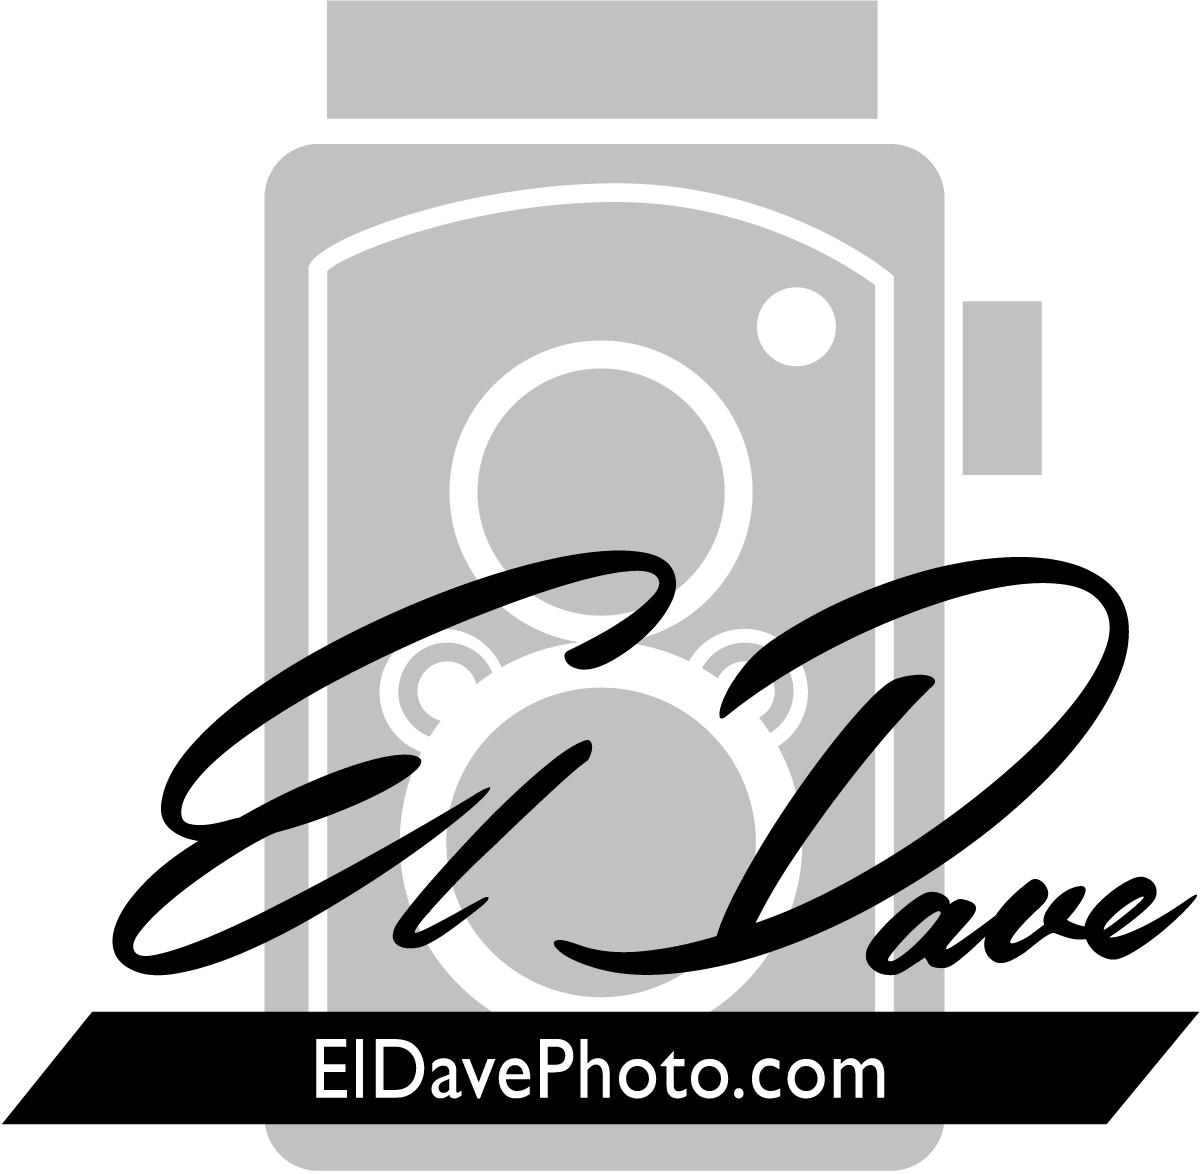 El Dave Photography